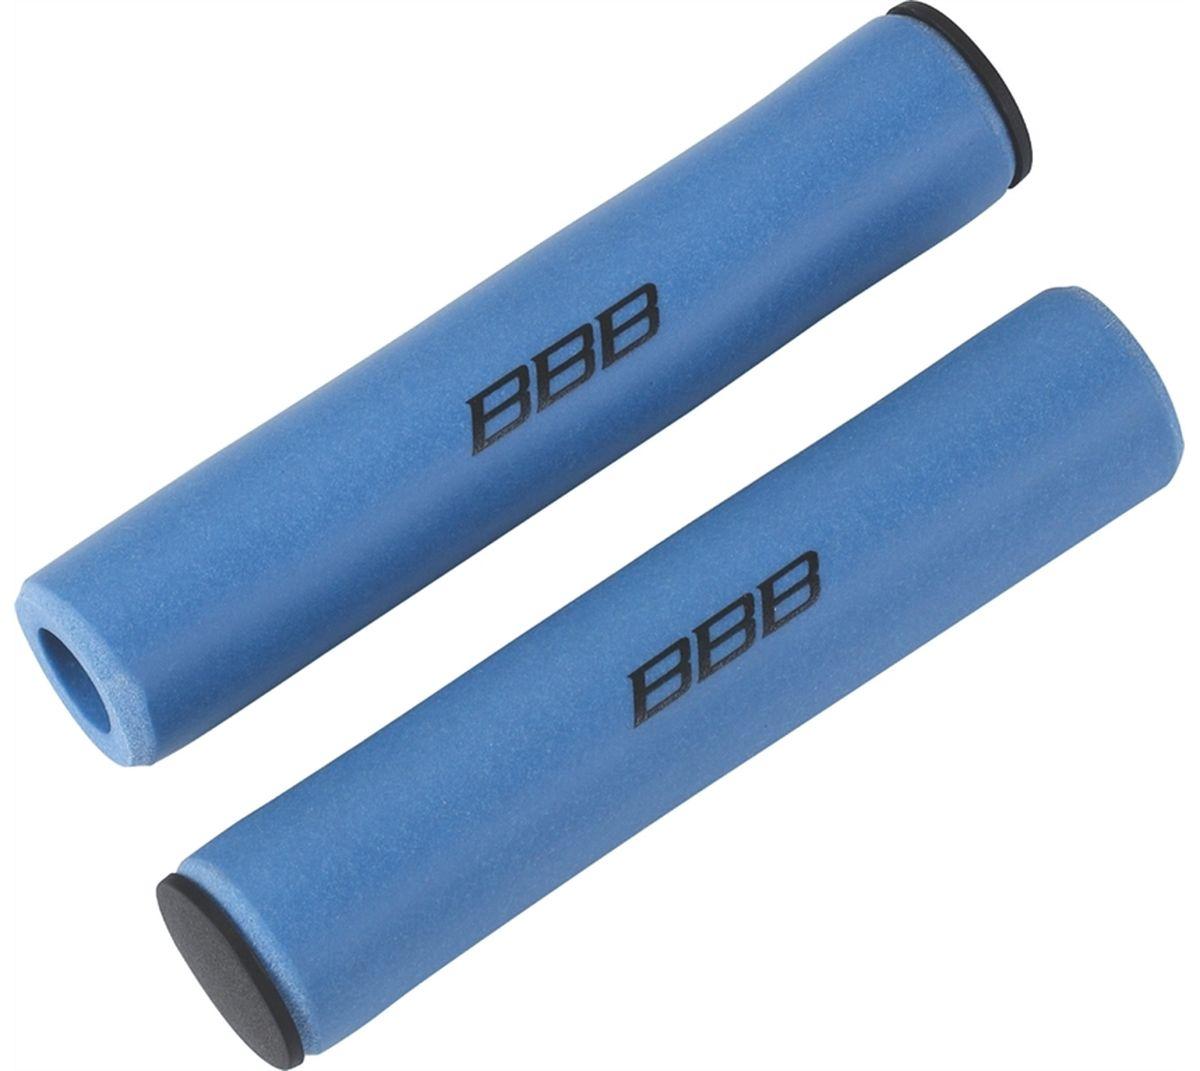 Грипсы BBB Sticky, цвет: синий, 13 см, 2 шт. BHG-34BHG-34Легкие и комфортные грипсы BBB Sticky имеют вибро- и ударопоглощающими свойства. Они предназначены для более удобного управления велосипедом. Силиконовое покрытие обеспечивает прекрасное сцепление с перчатками. Заглушки руля в комплекте.Длина грипс: 13 см. Вес: 49 г.Гид по велоаксессуарам. Статья OZON Гид